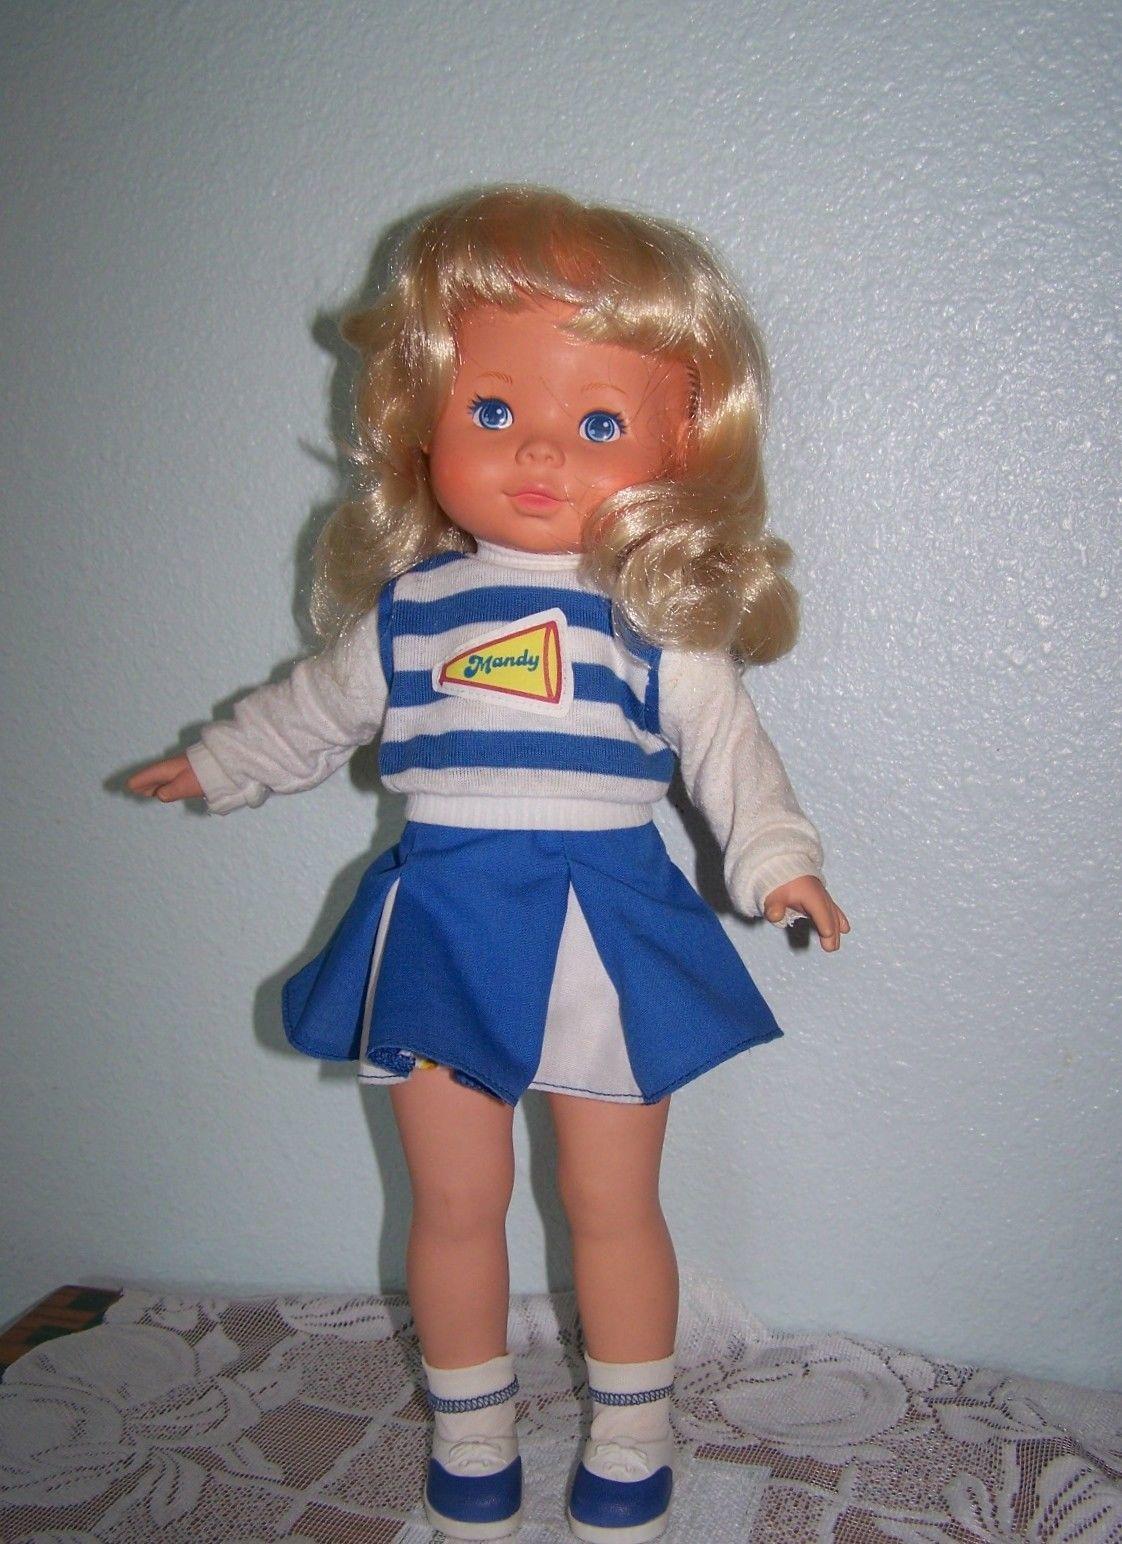 """1984 MANDY """"MY FRIEND"""" Fisher Price  Cheerleader Doll #206 All Original VGC - $38.61"""